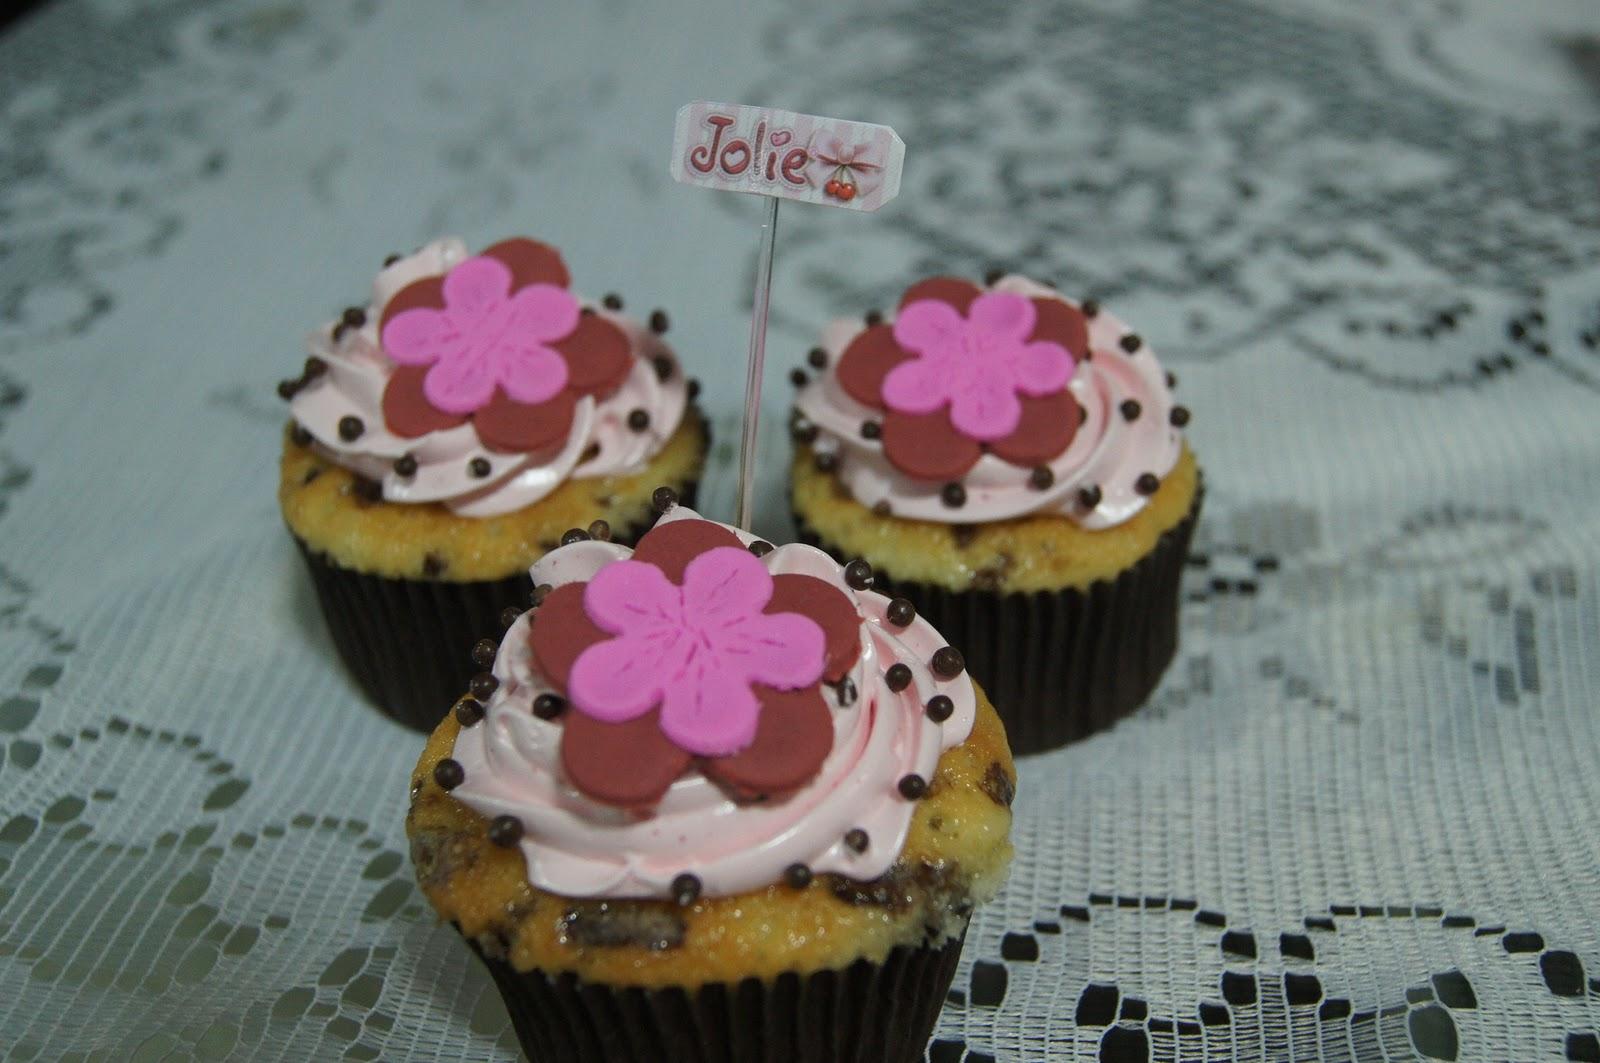 Amai cupcakes goi nia anivers rio jolie marron rosa e - Jolie cupcake ...